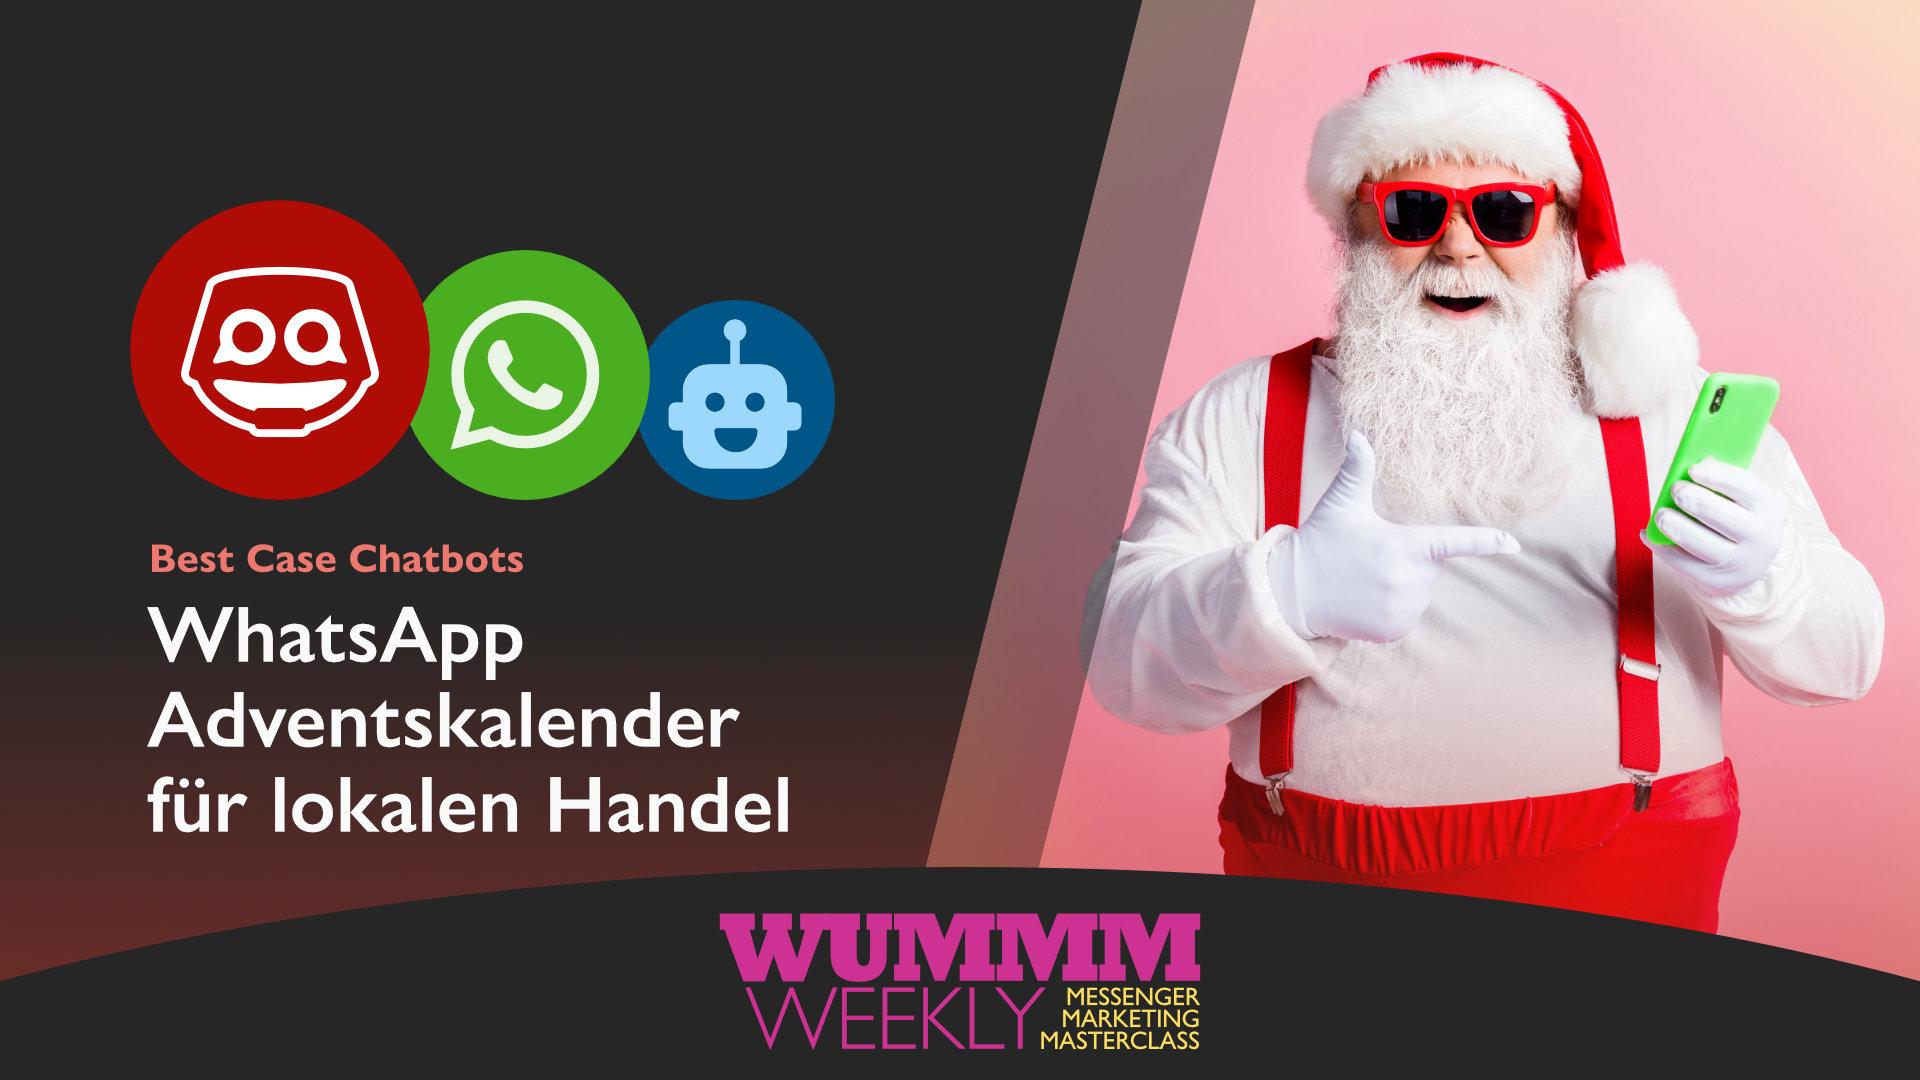 Wummm-weekly, Logo WhatsDrin, Logo WhatsApp, Best Case - Adventskalender für lokalen Handel